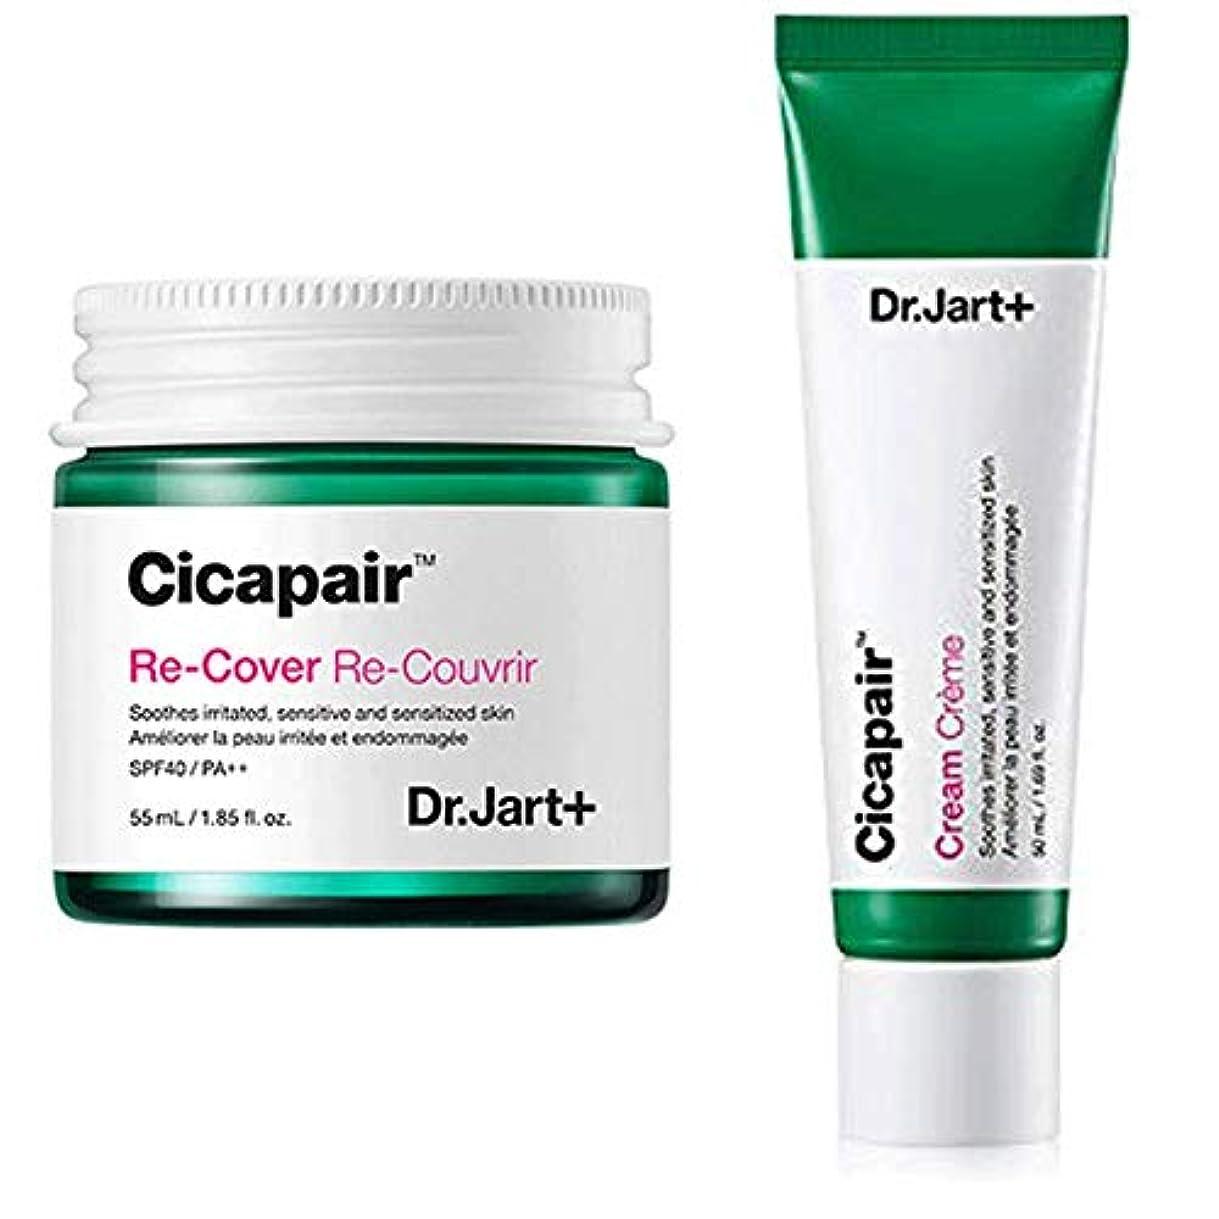 橋脚想像する蛾Dr.Jart+ Cicapair Cream + ReCover ドクタージャルトシカペアクリーム50ml + リカバー 55ml (2代目) セット [並行輸入品]